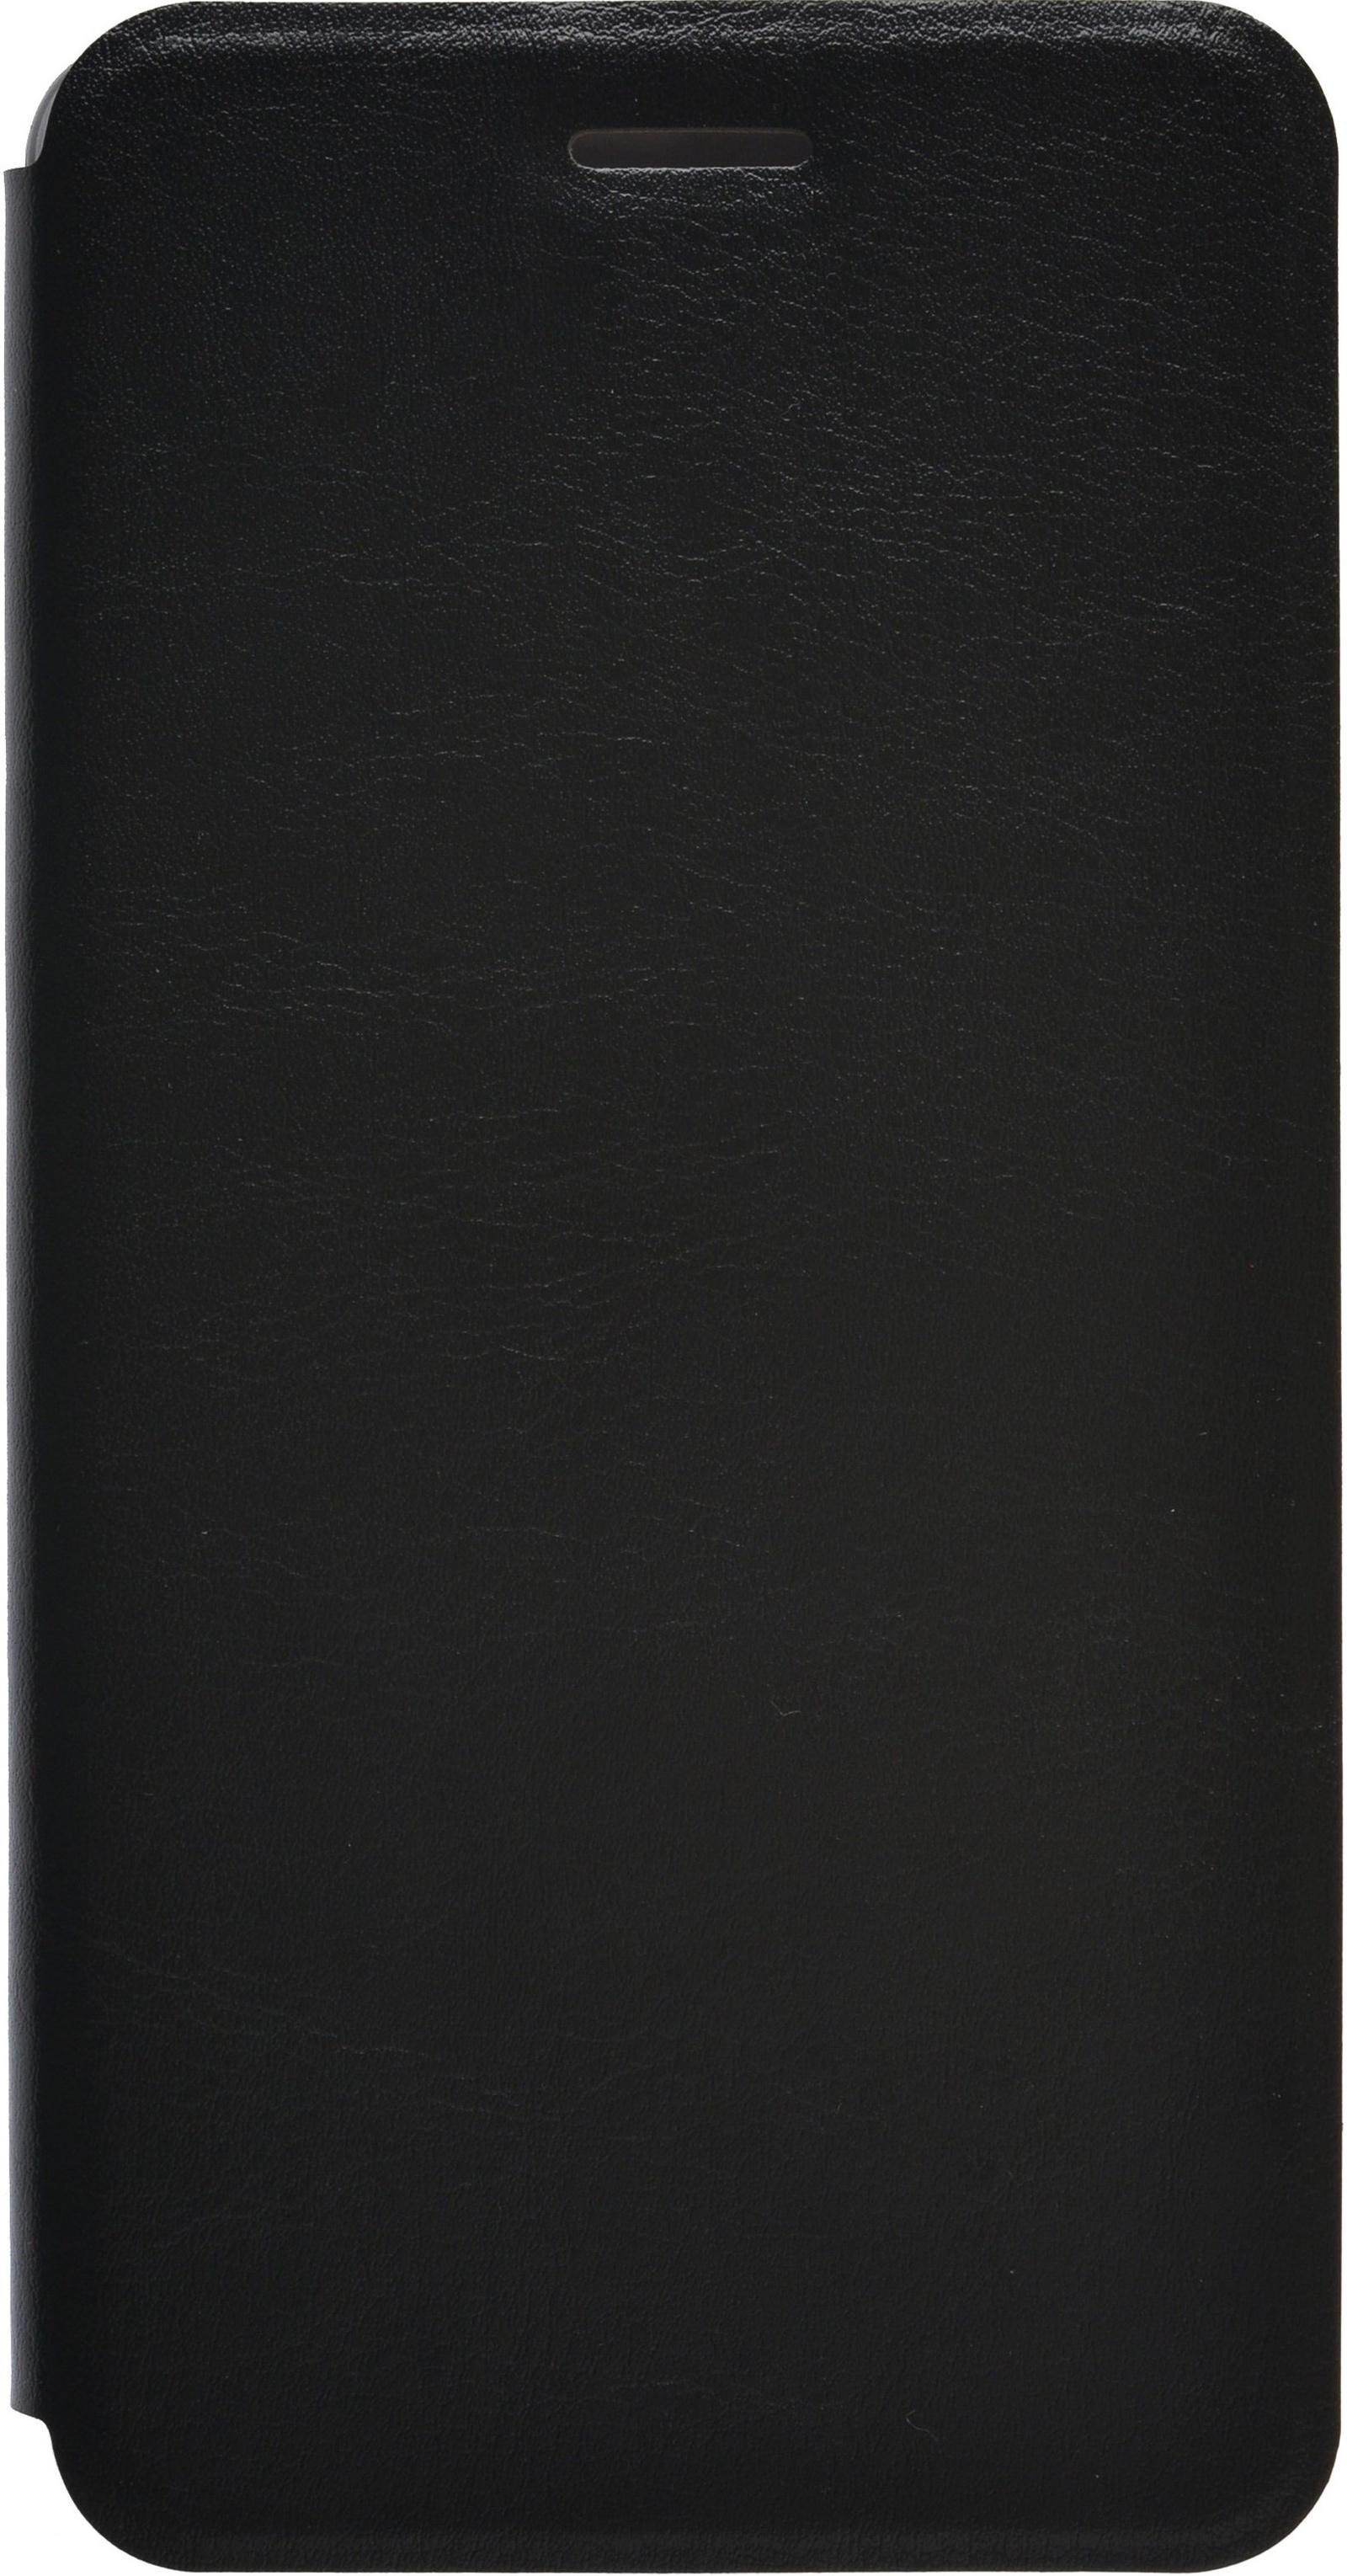 Чехол для сотового телефона skinBOX Lux, 4630042525429, черный цена